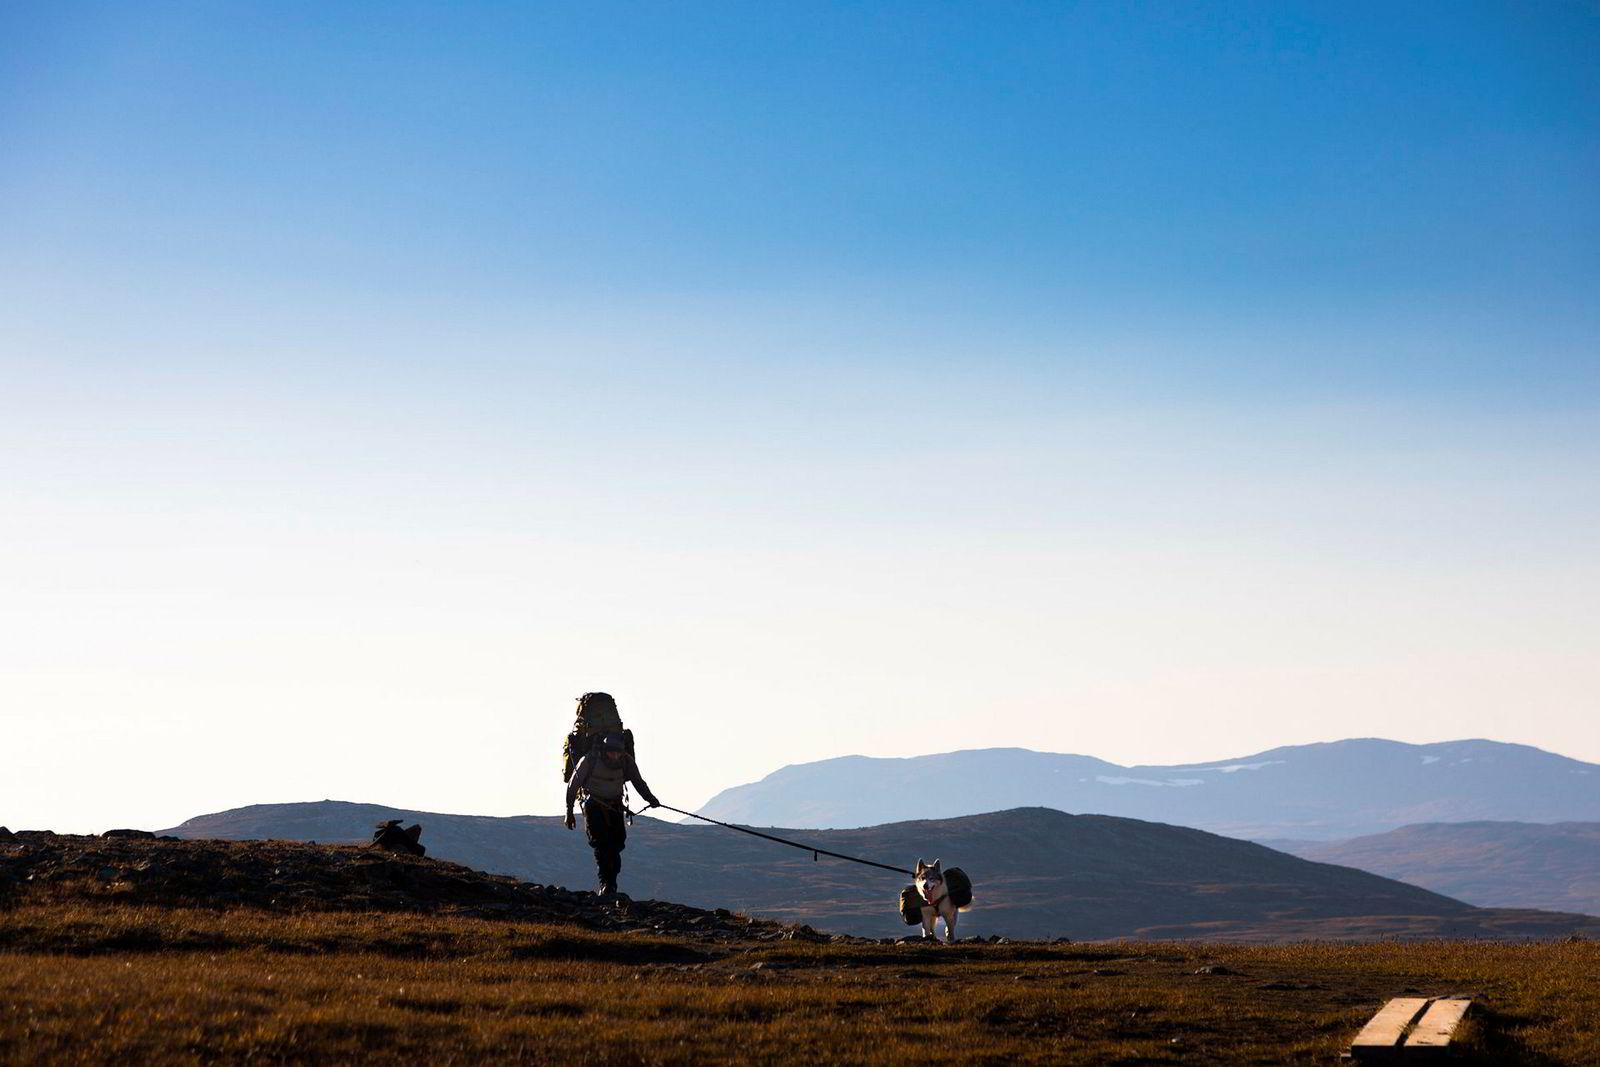 Sylane viser seg fra sin beste side da Helstrup og hunden Obelix beveget seg østover mot svenskegrensen. Den kalde årstiden ventet.